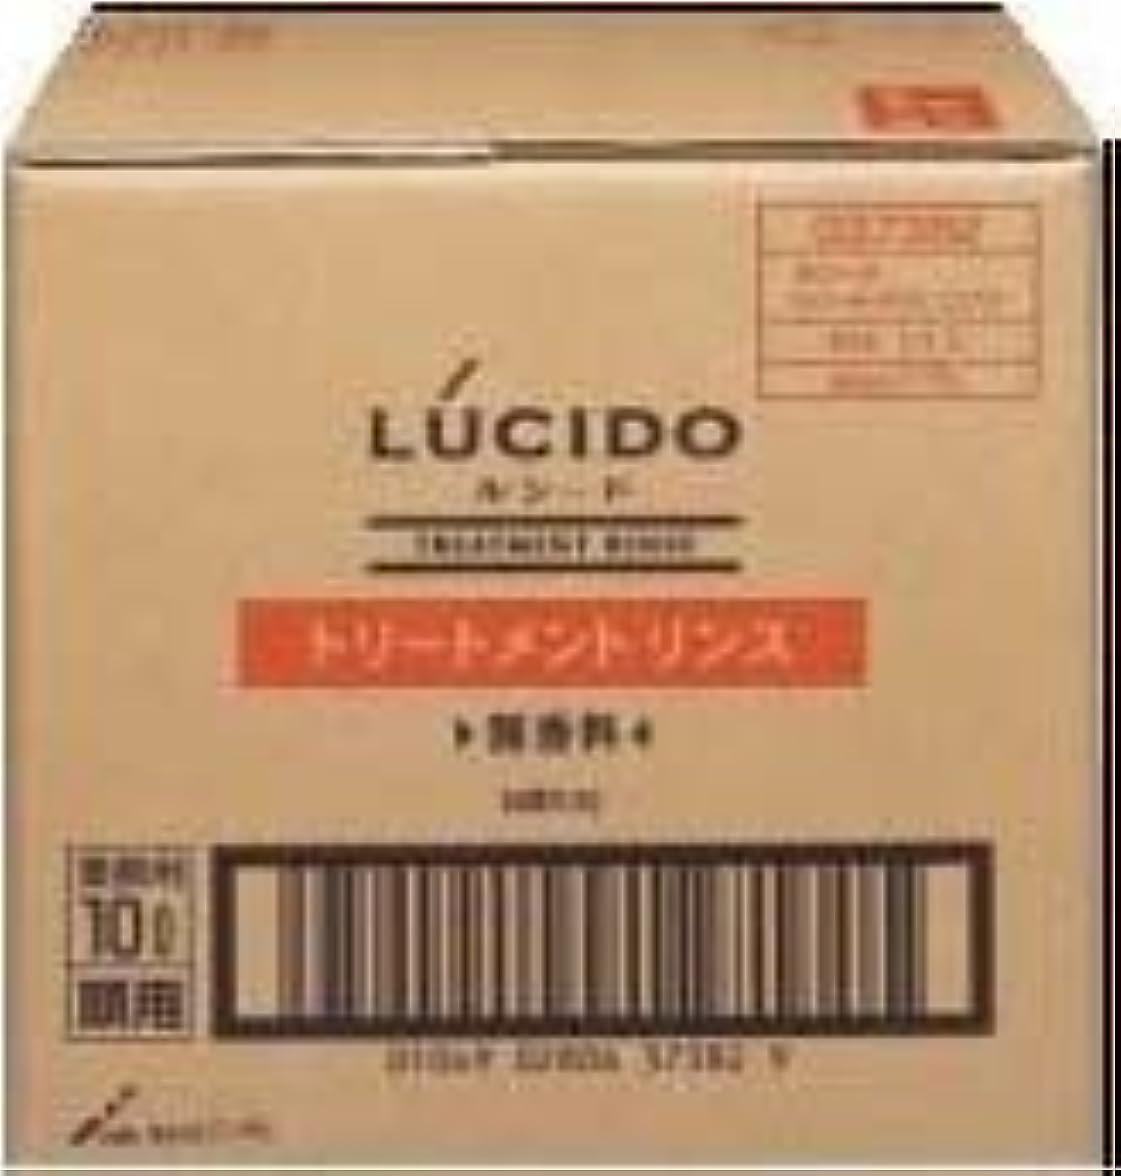 麻痺させるおもしろい金属マンダム ルシード トリートメントリンス 10L